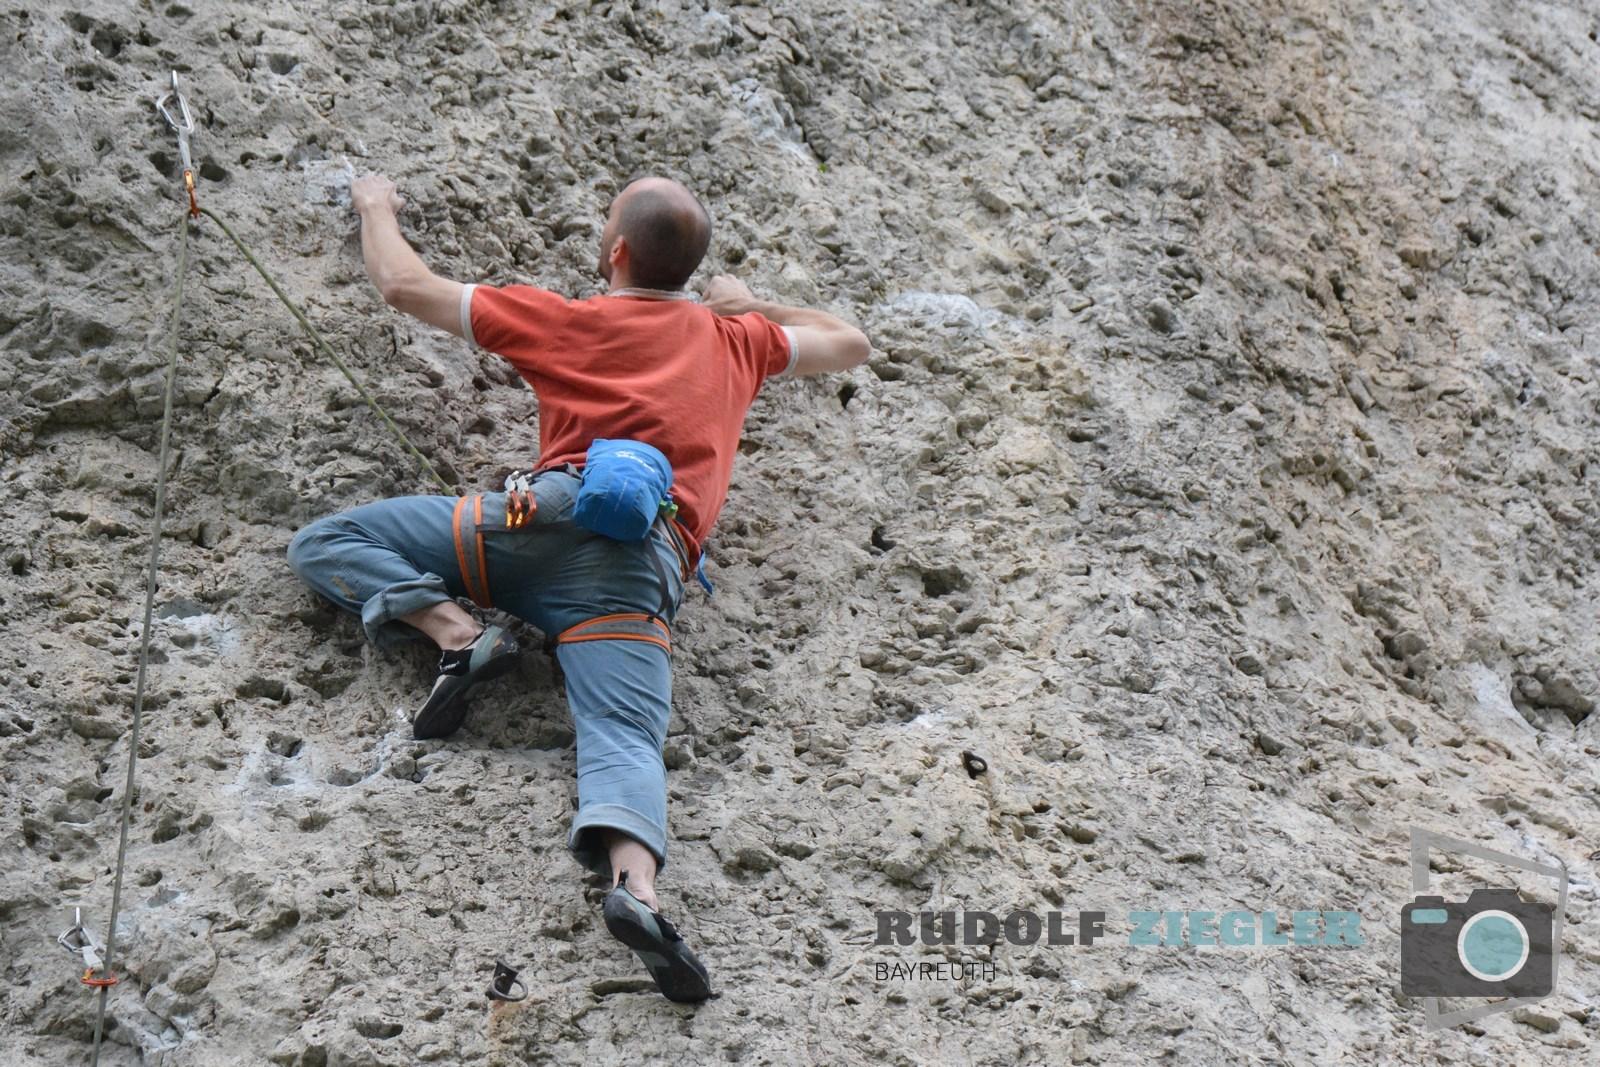 Klettern in der FRÄNKISCHEN 002-A (1600x1200)